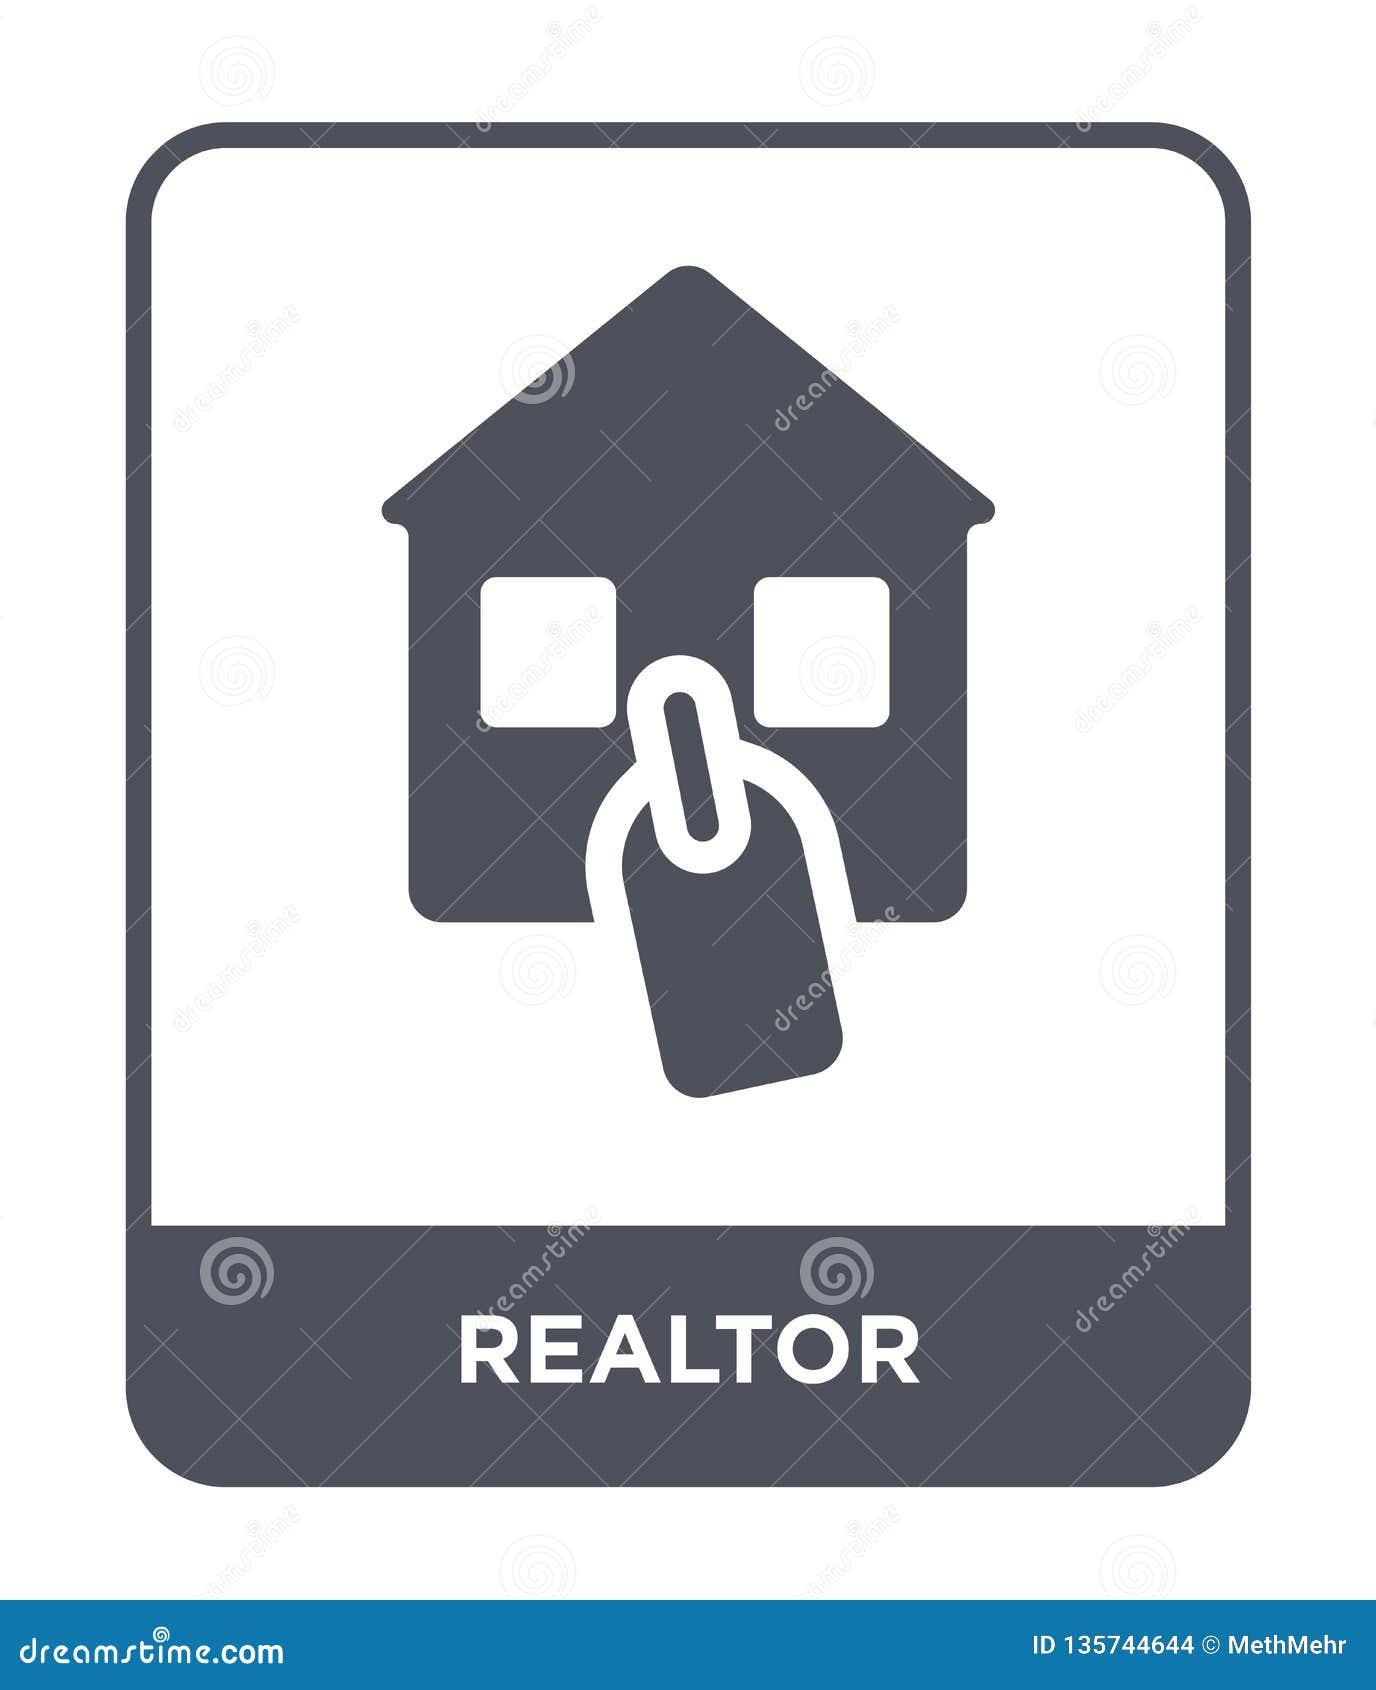 Icono del agente inmobiliario en estilo de moda del diseño icono del agente inmobiliario aislado en el fondo blanco símbolo plano